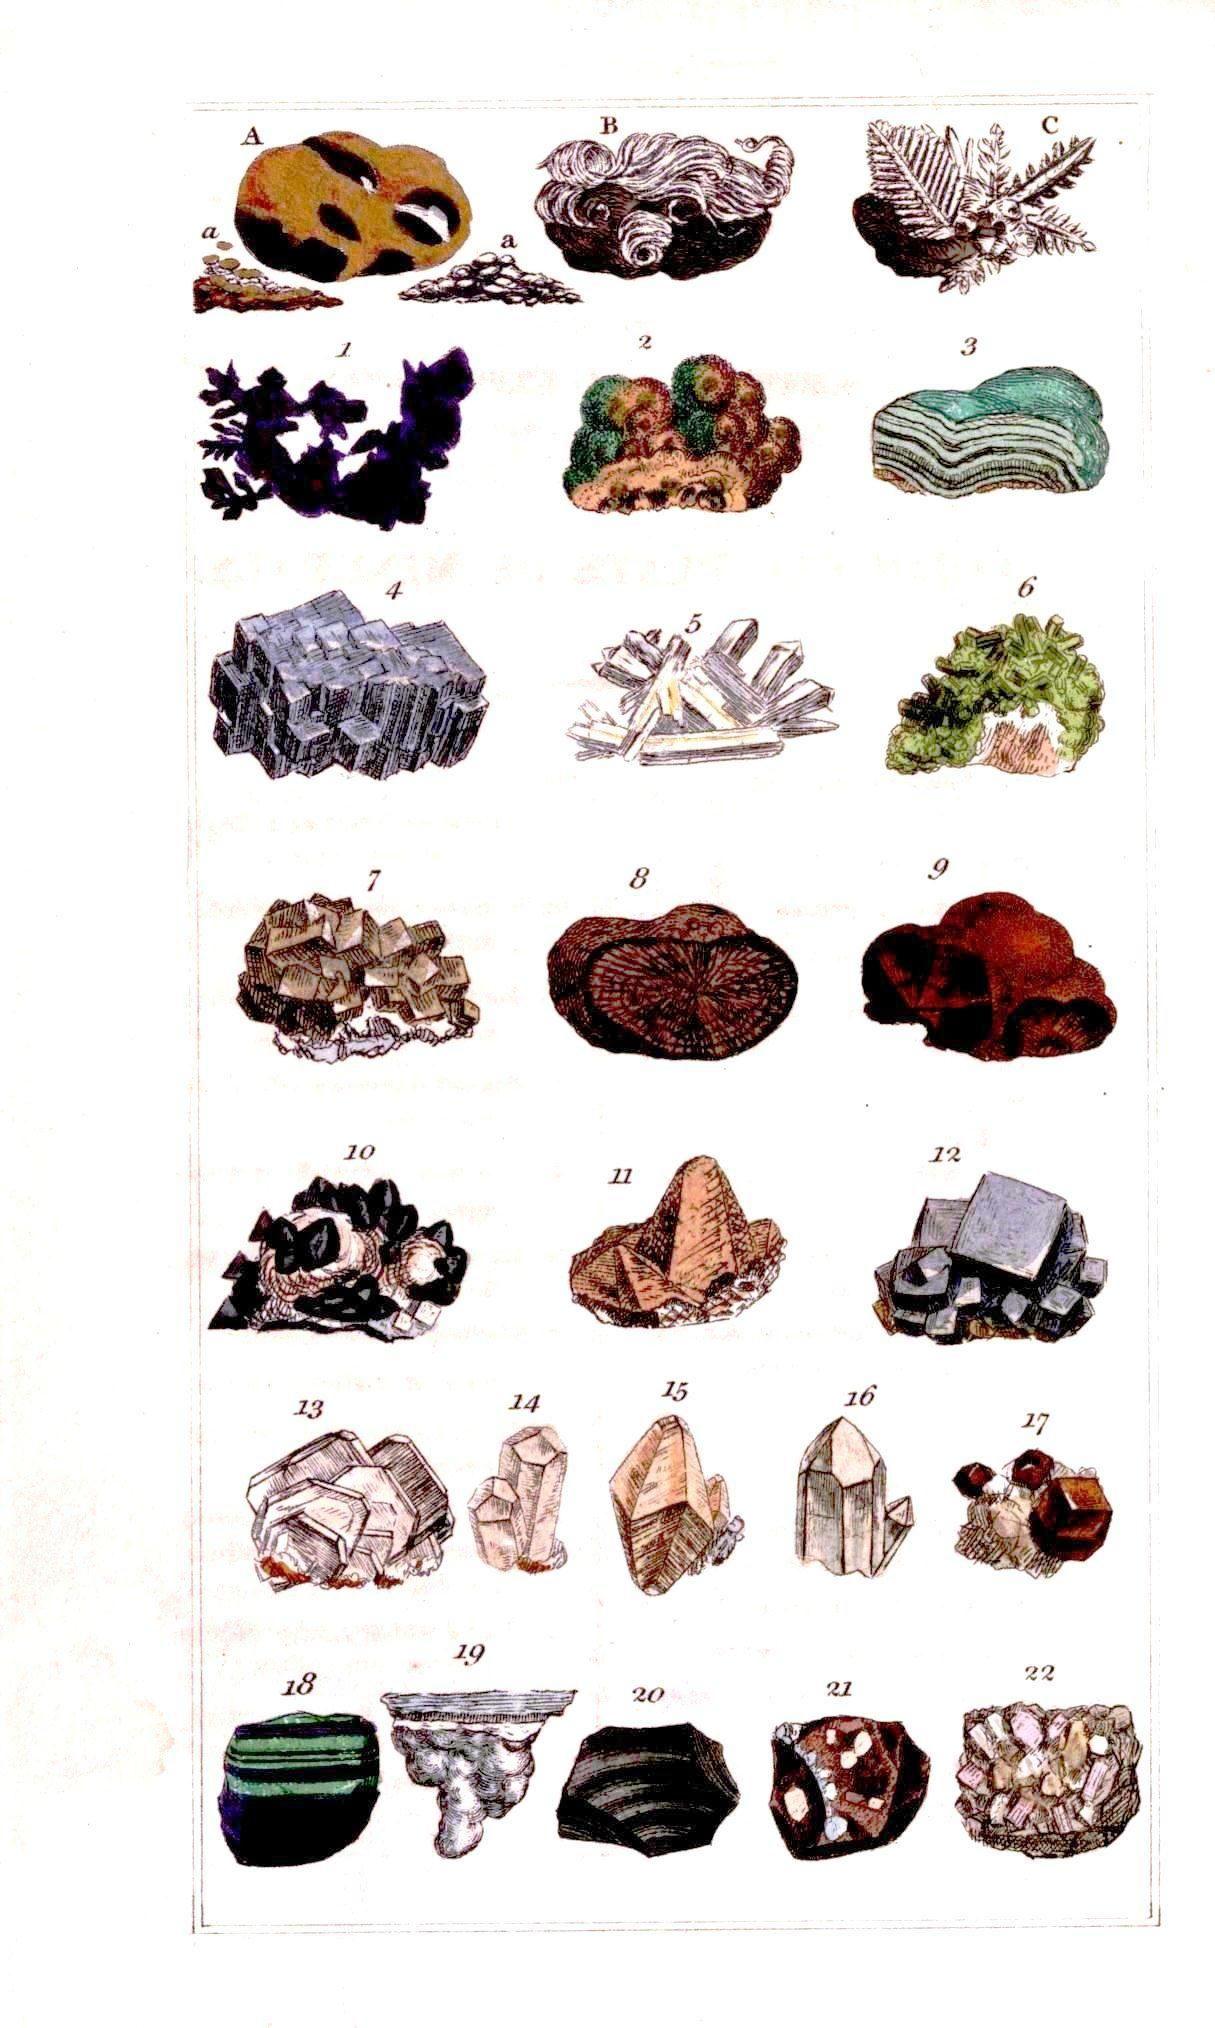 Vintage Gem And Mineral Illustration